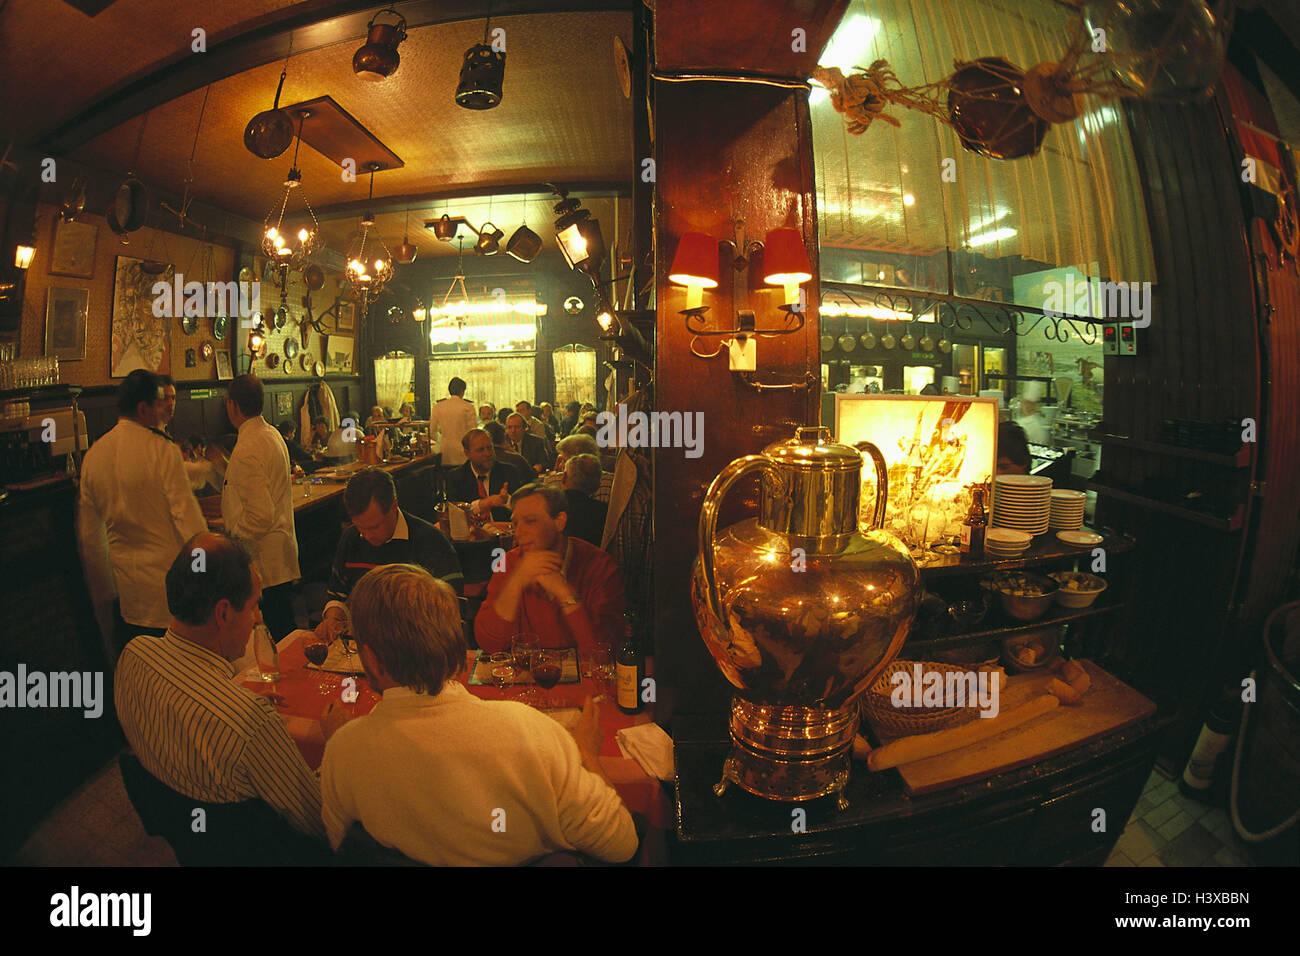 Belgium, Brussels, restaurant 'Chez Vincente', inside, Rue de Brouckere - Stock Image